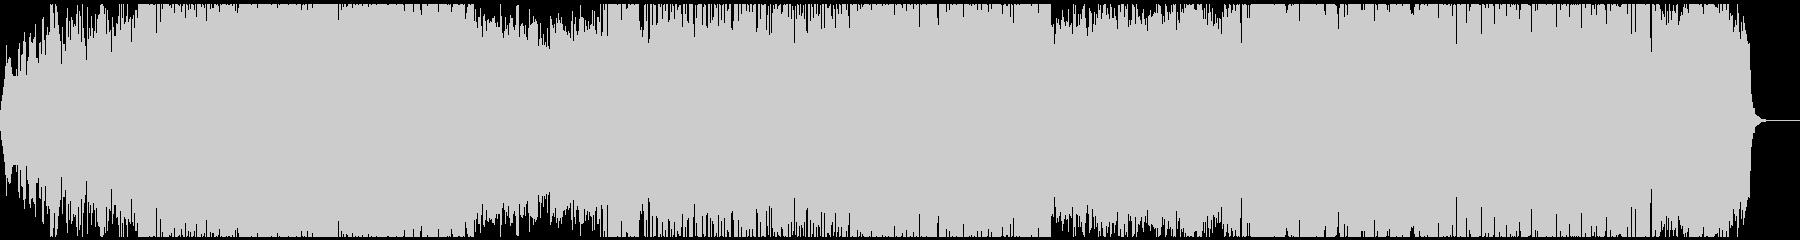 バトルシーン向けのシンフォニックメタルの未再生の波形